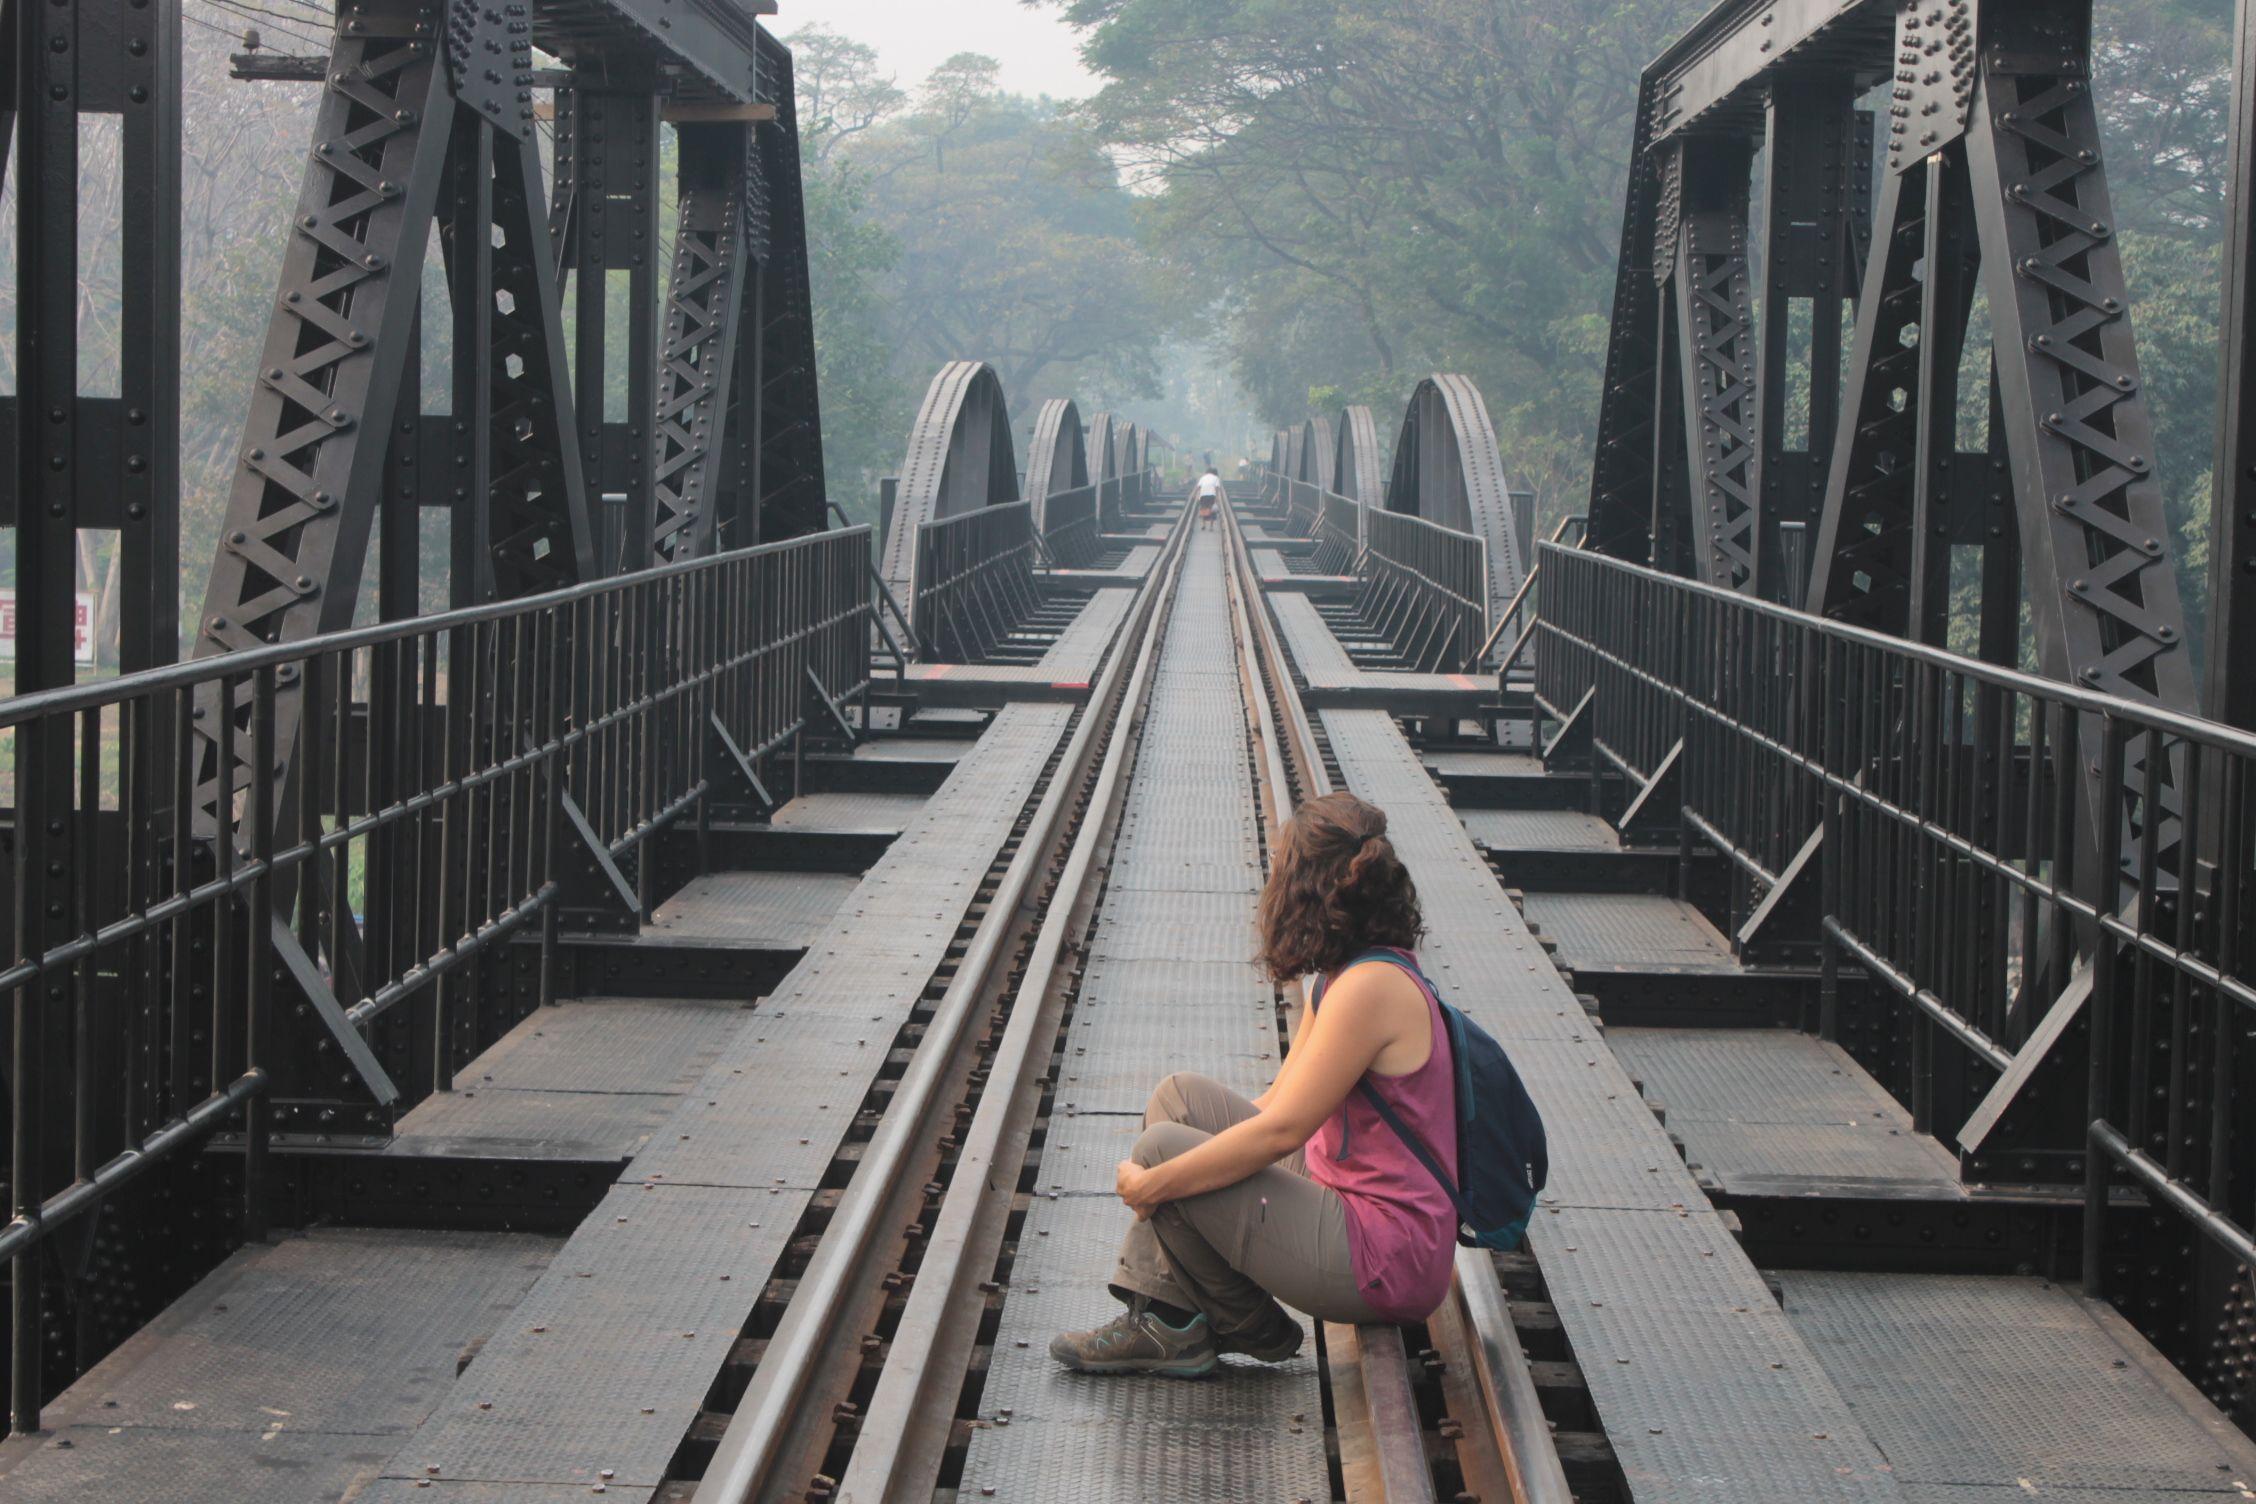 Roser sentada sobre las vías del tren